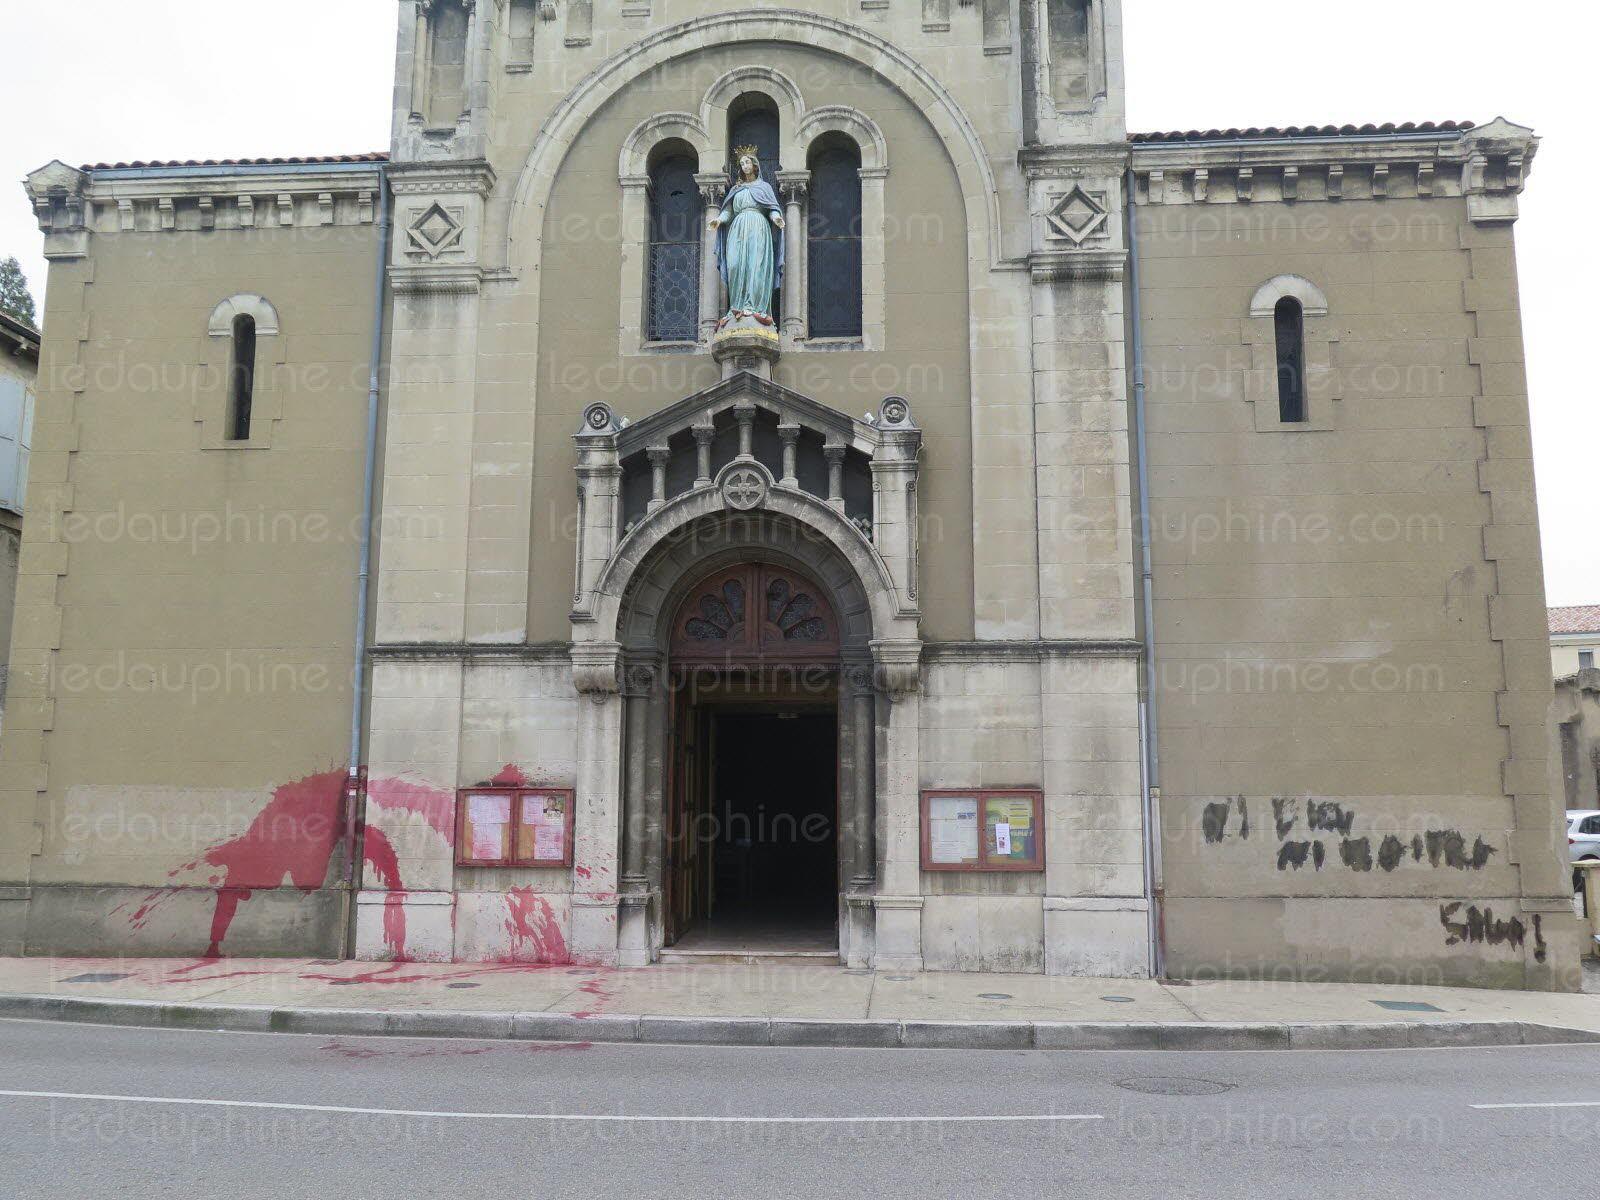 Valence 13 06 2016